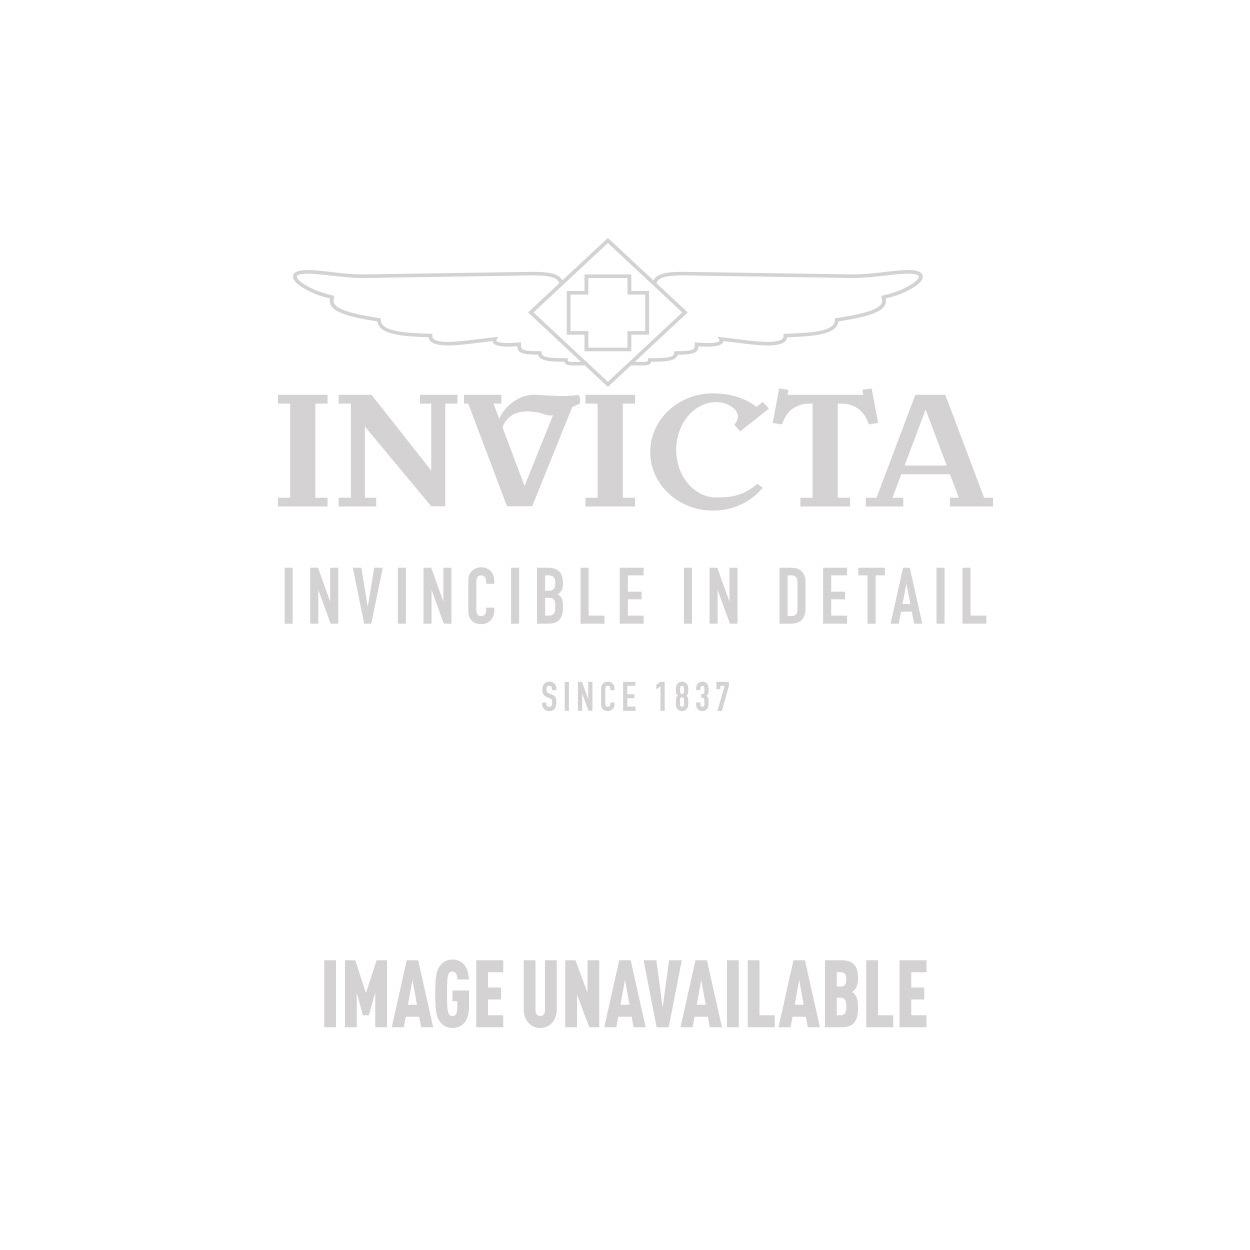 Invicta Model 26914